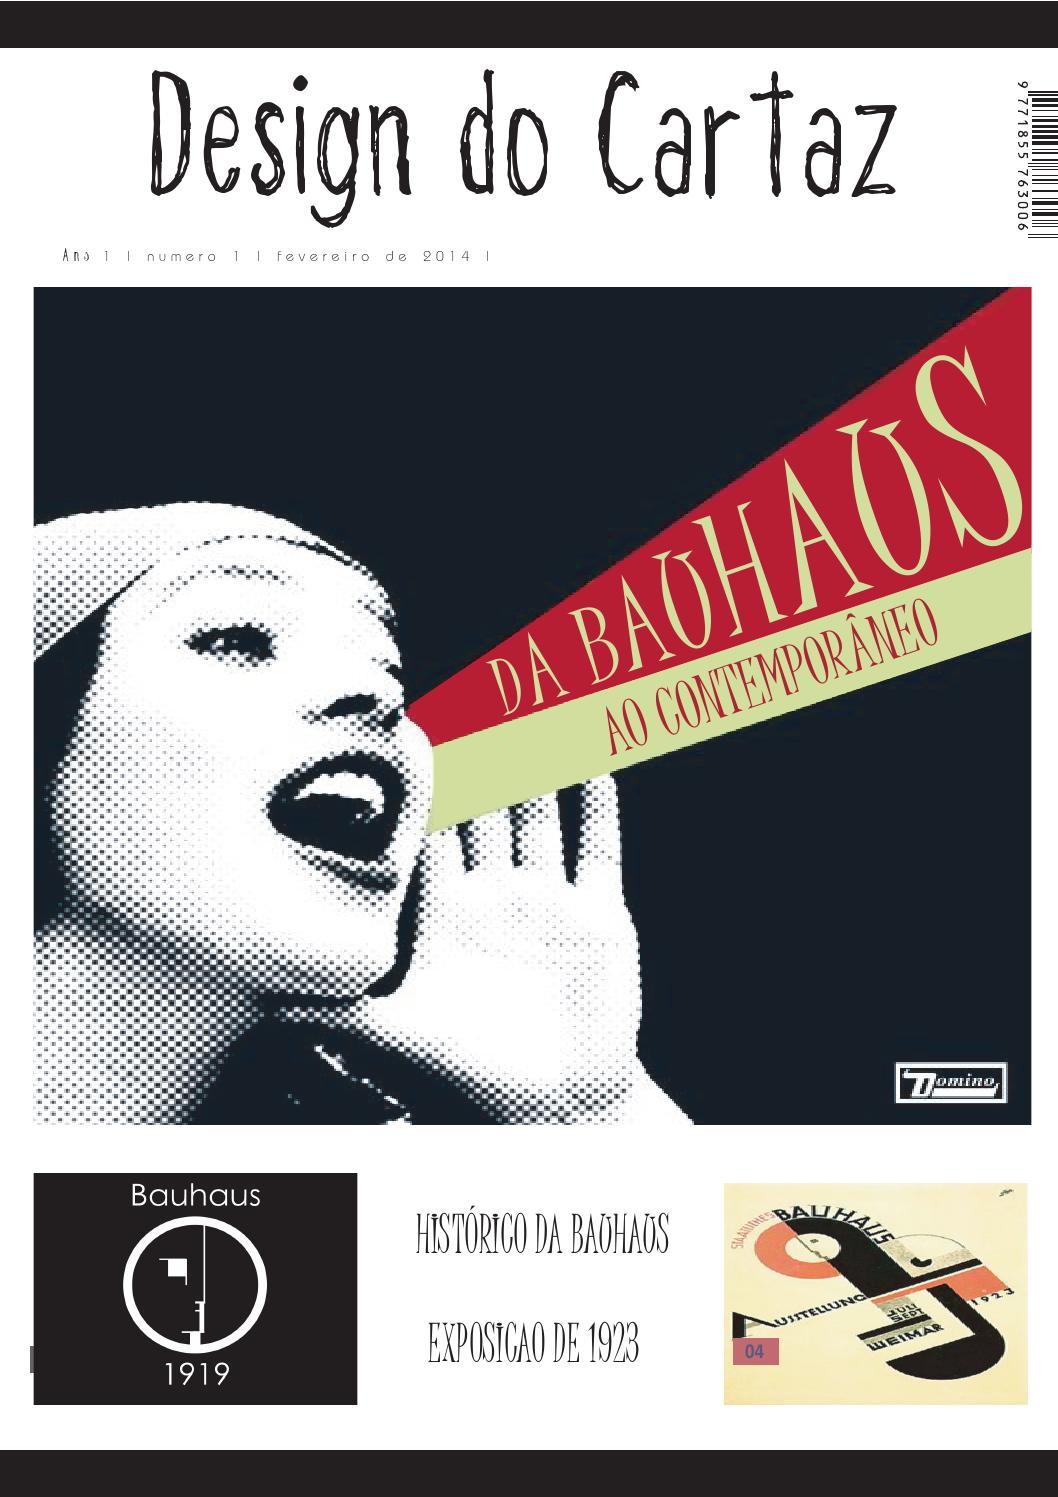 Design do Cartaz by Thaís Barros - issuu